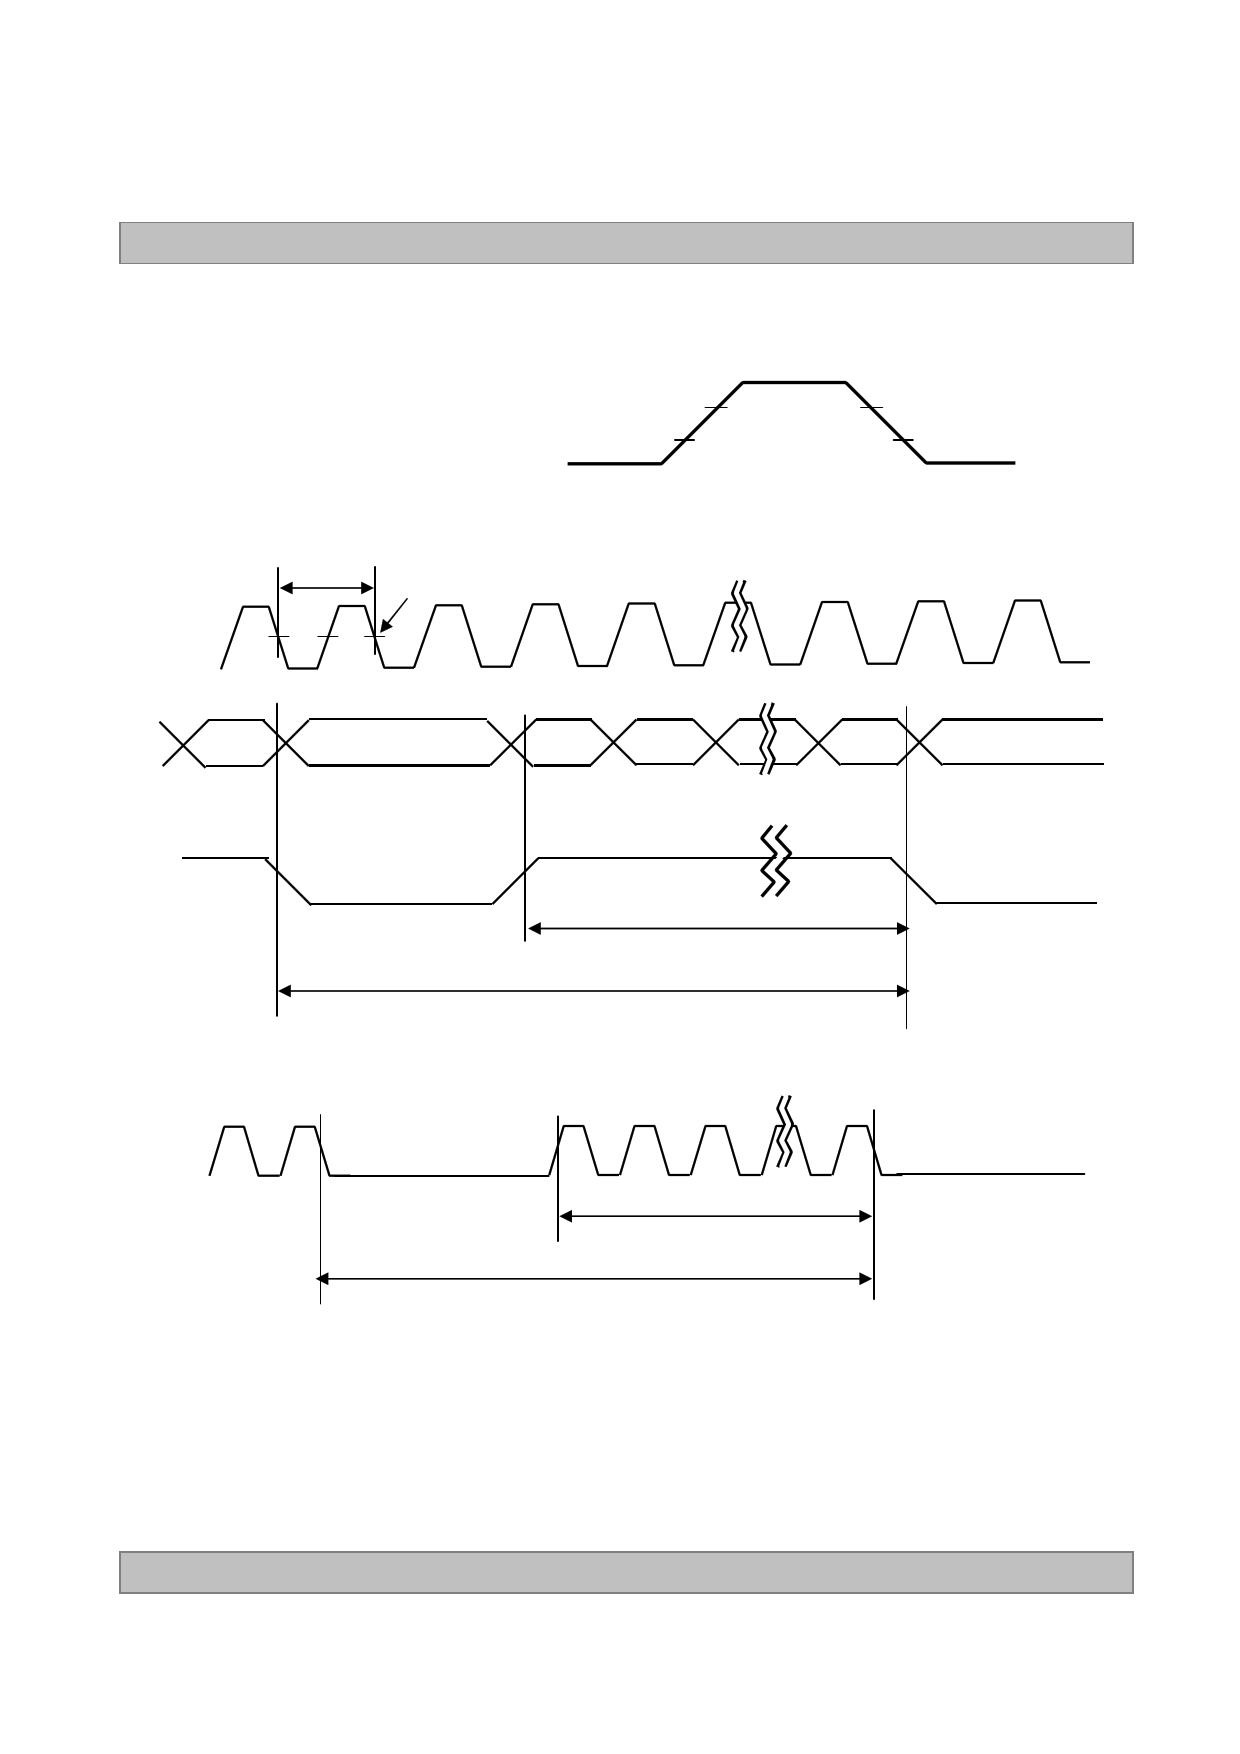 LC320EXN-SEA3 arduino